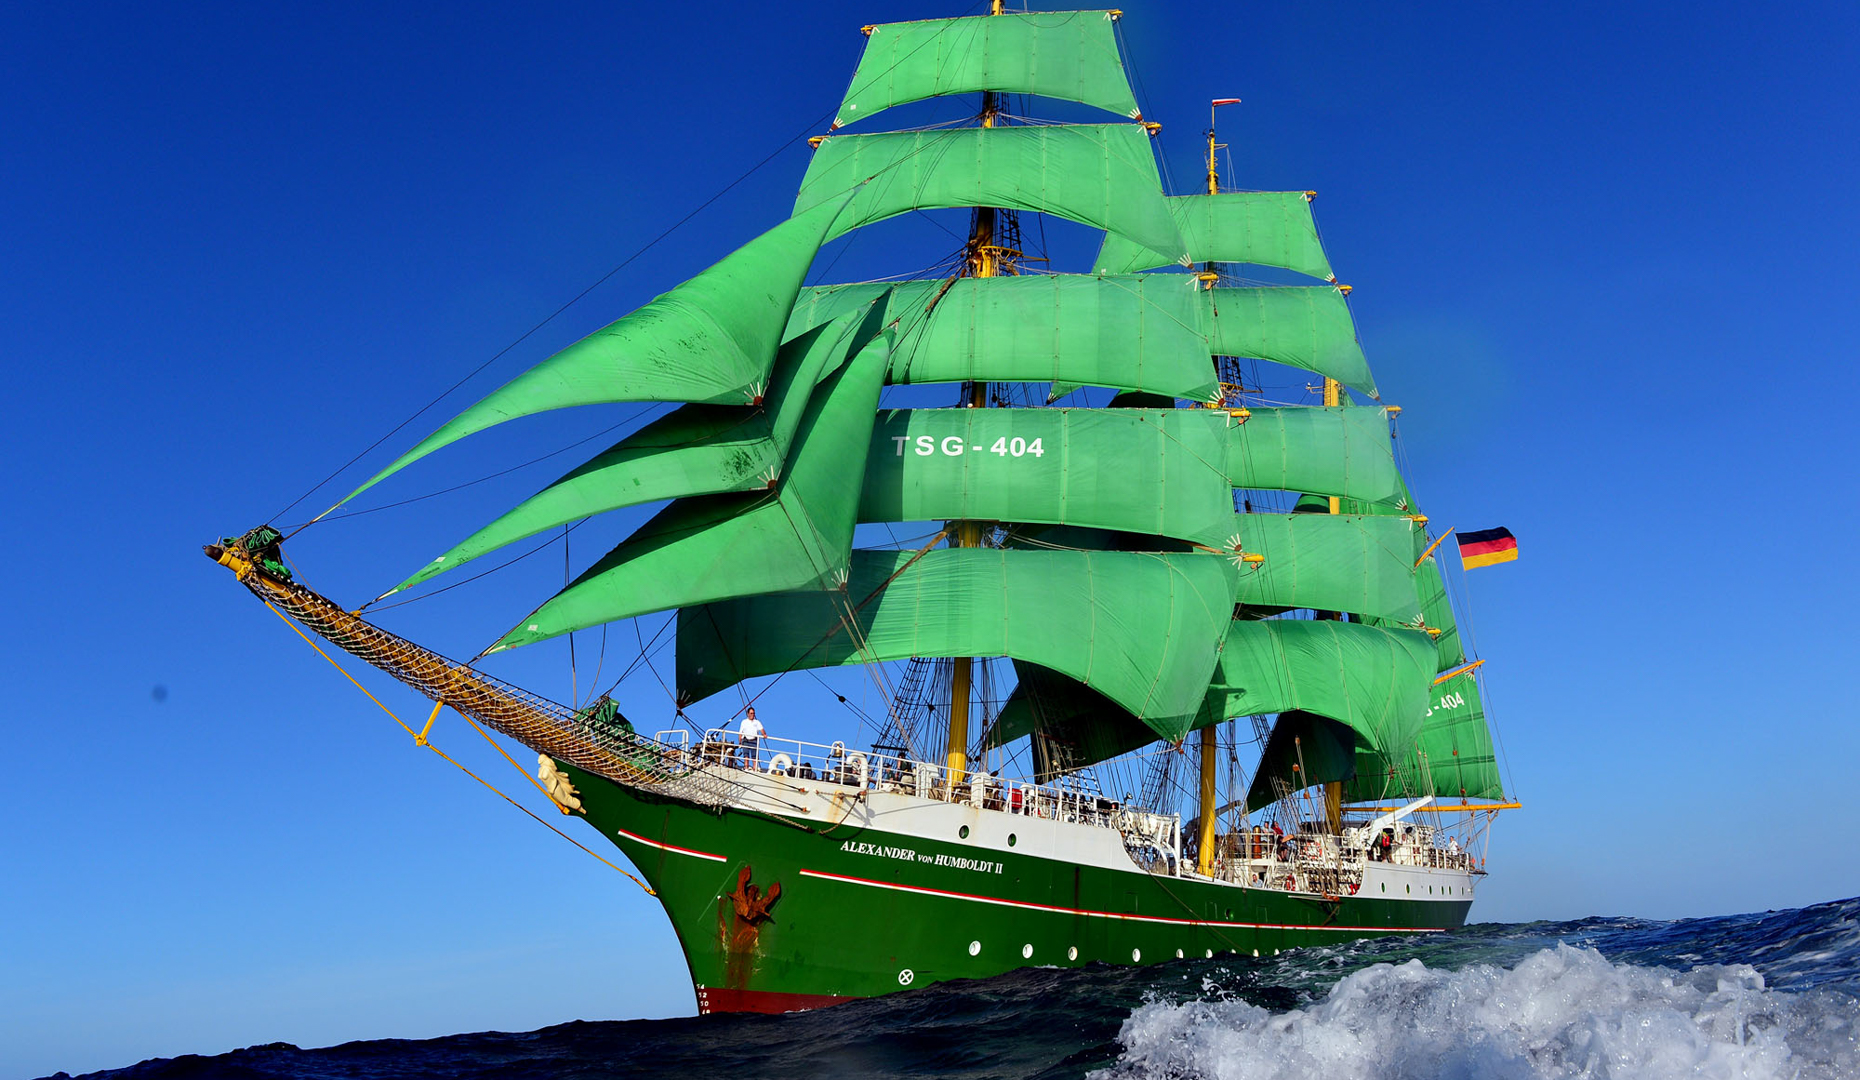 """3 Mast Bark """"Alexander von Humboldt 2"""" unter Segeln"""